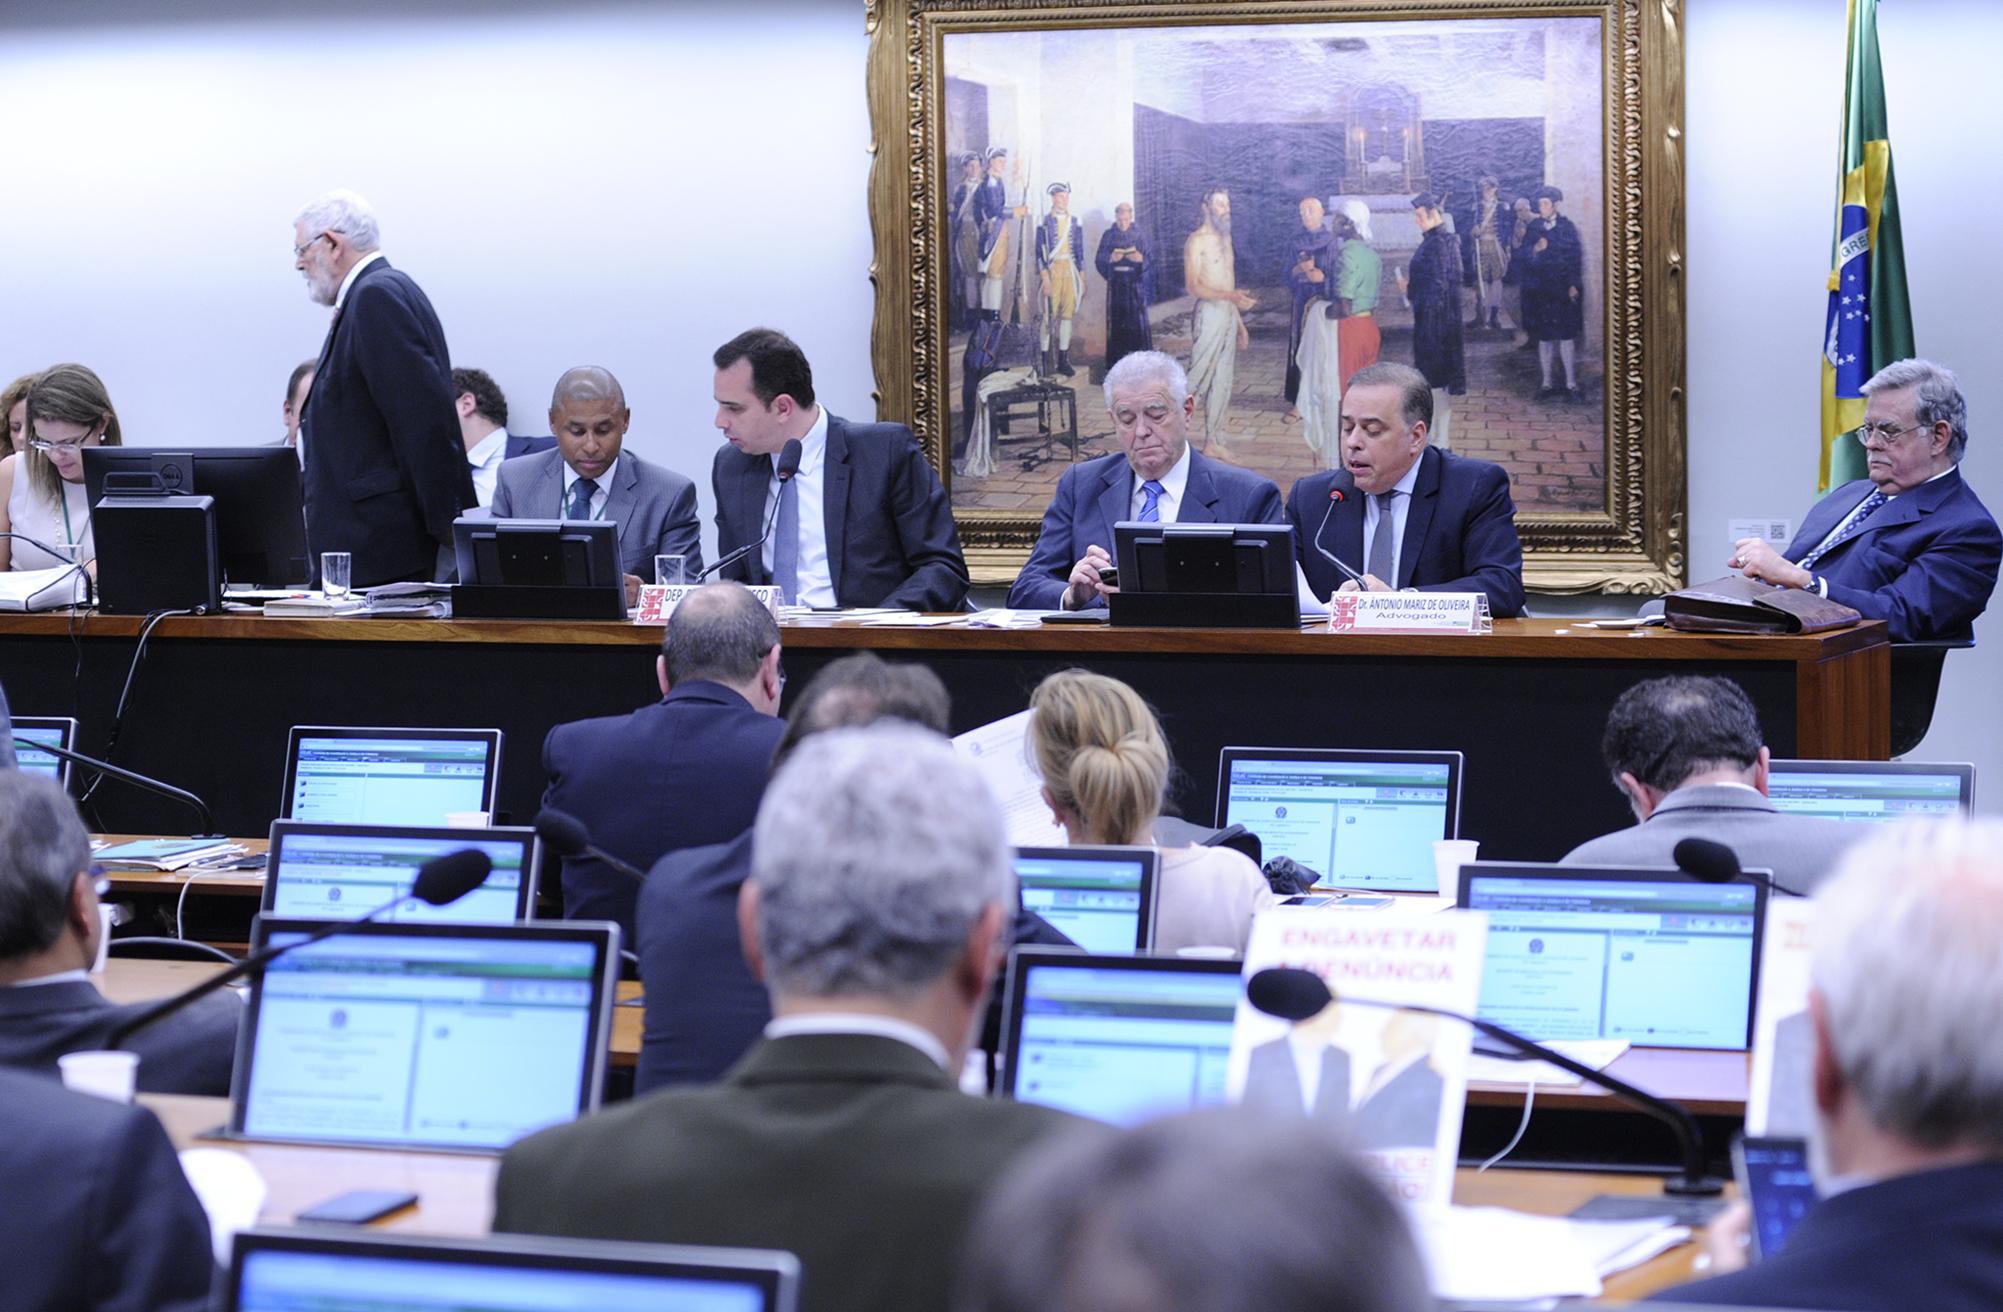 Reunião para discussão do parecer do relator da denúncia contra o presidente da República, Michel Temer